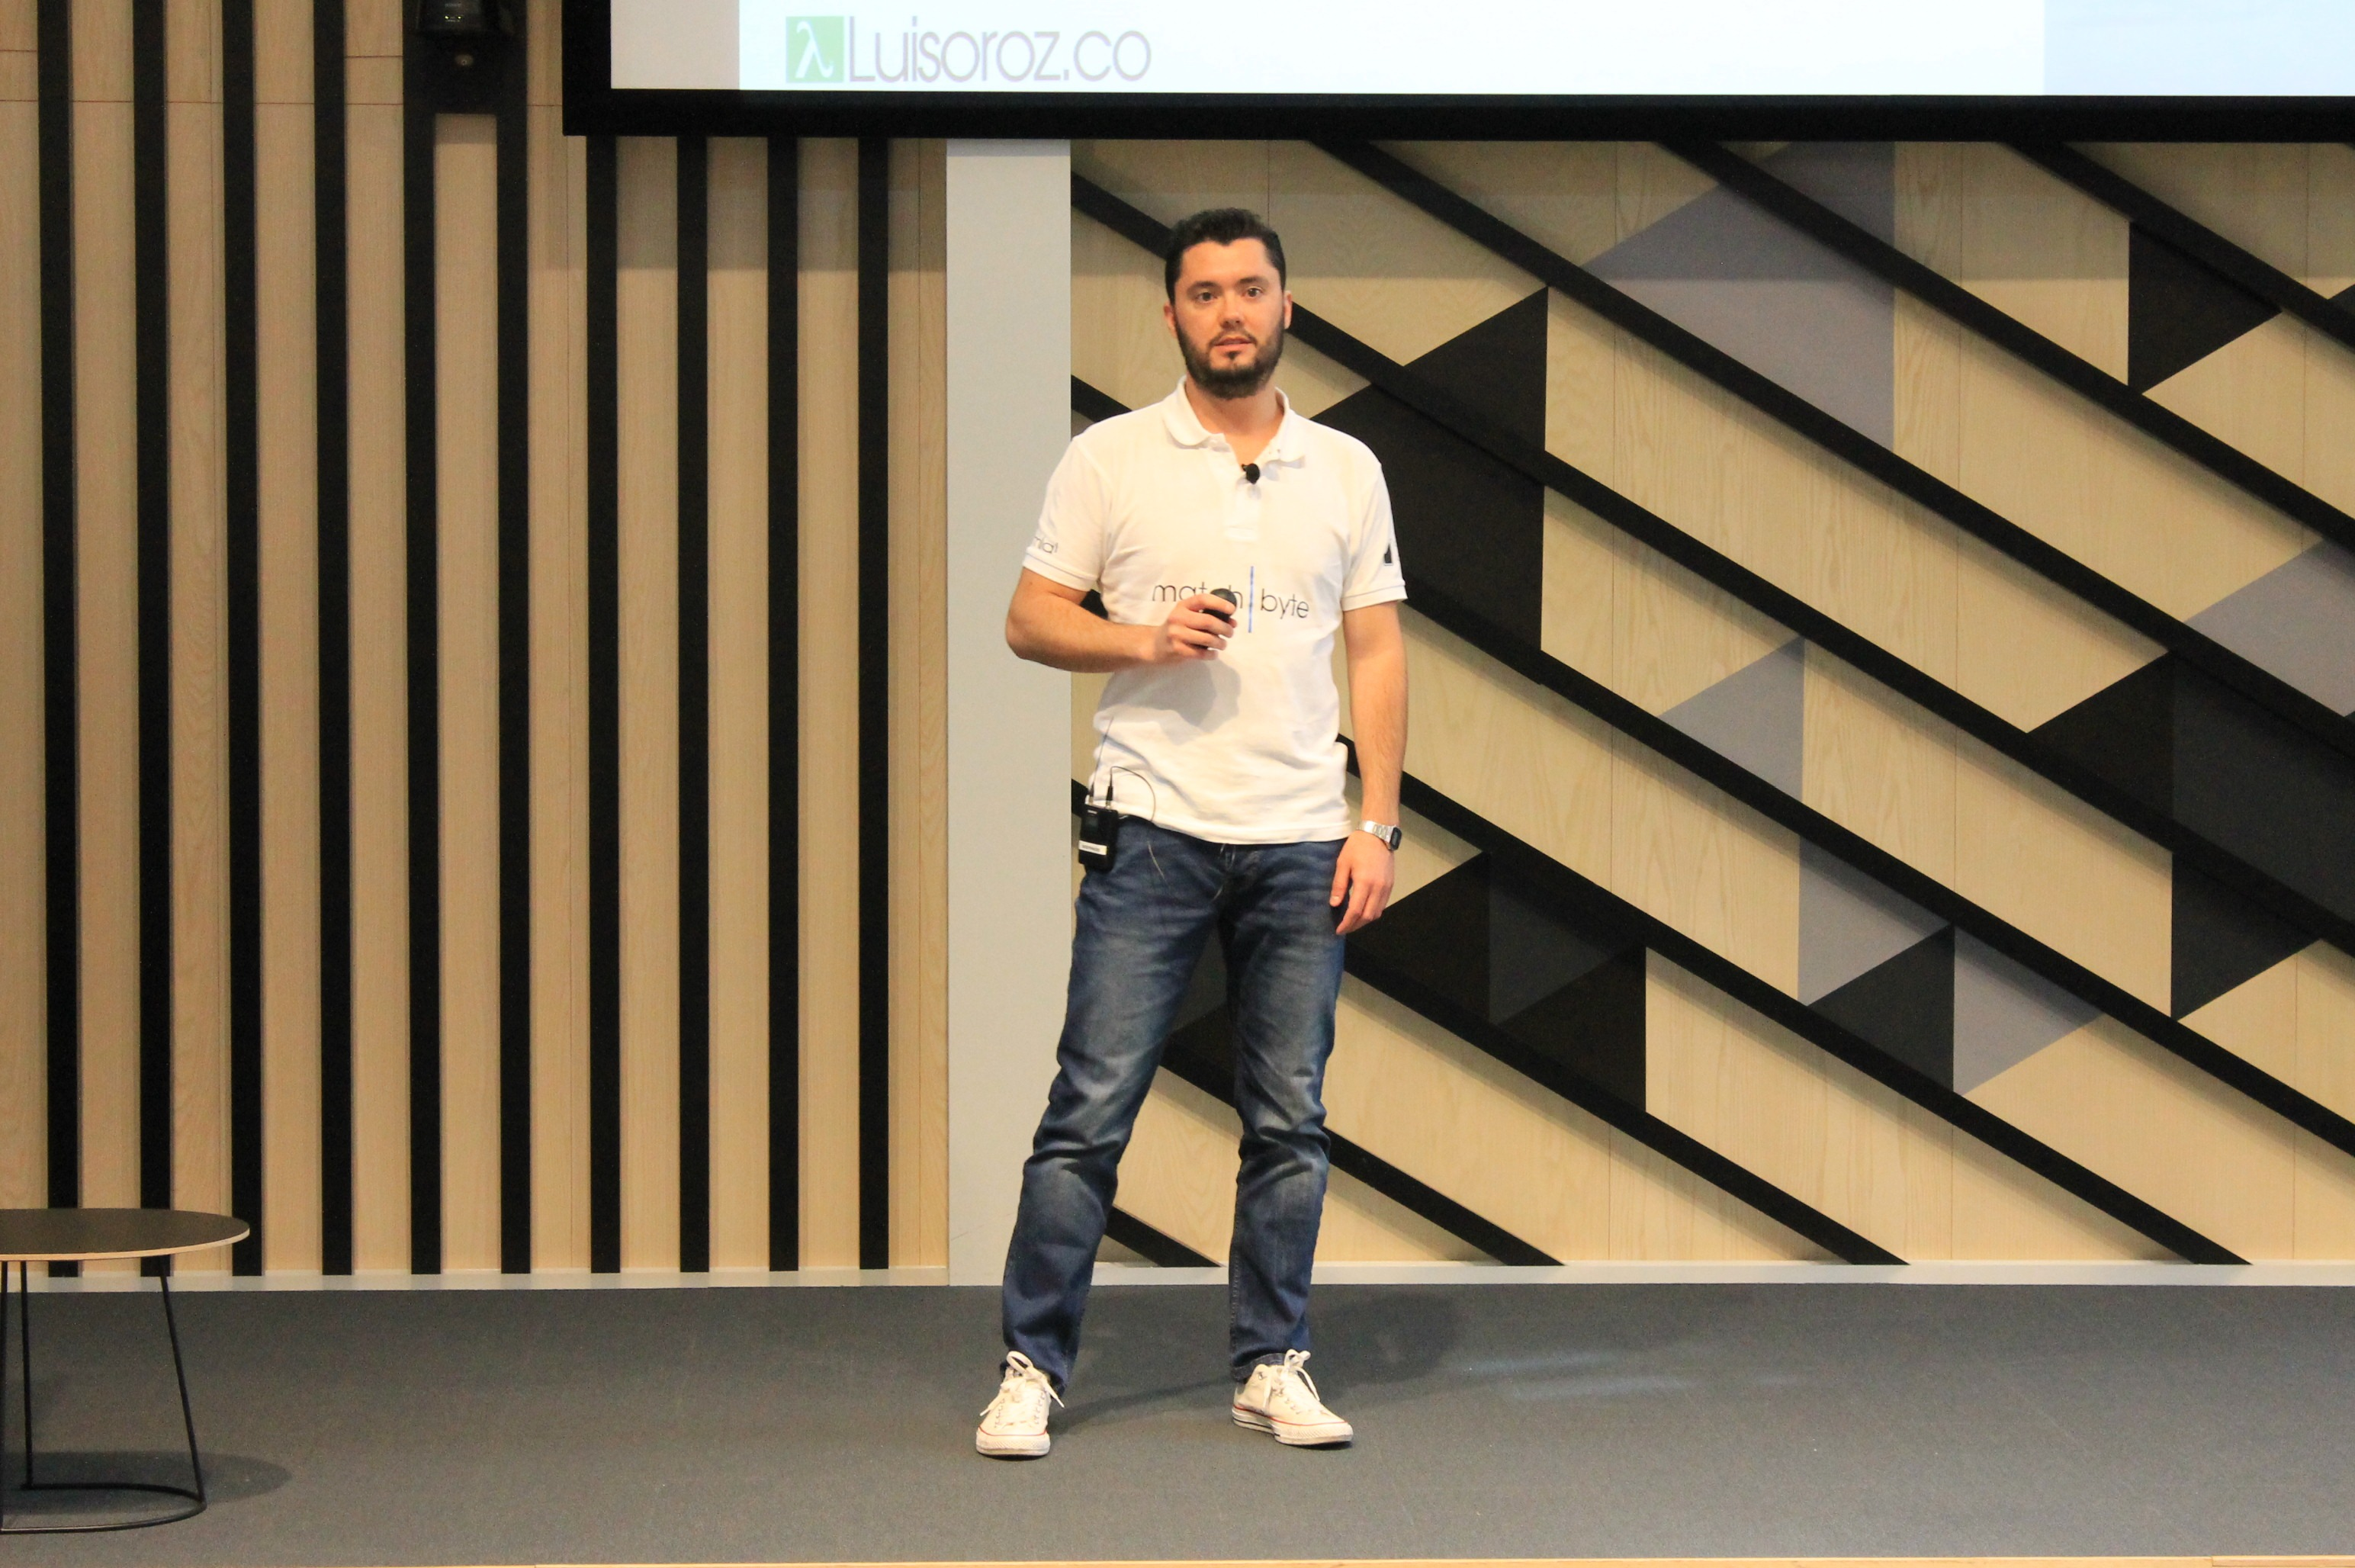 Luis Orozco, Joomla Day Madrid 2017